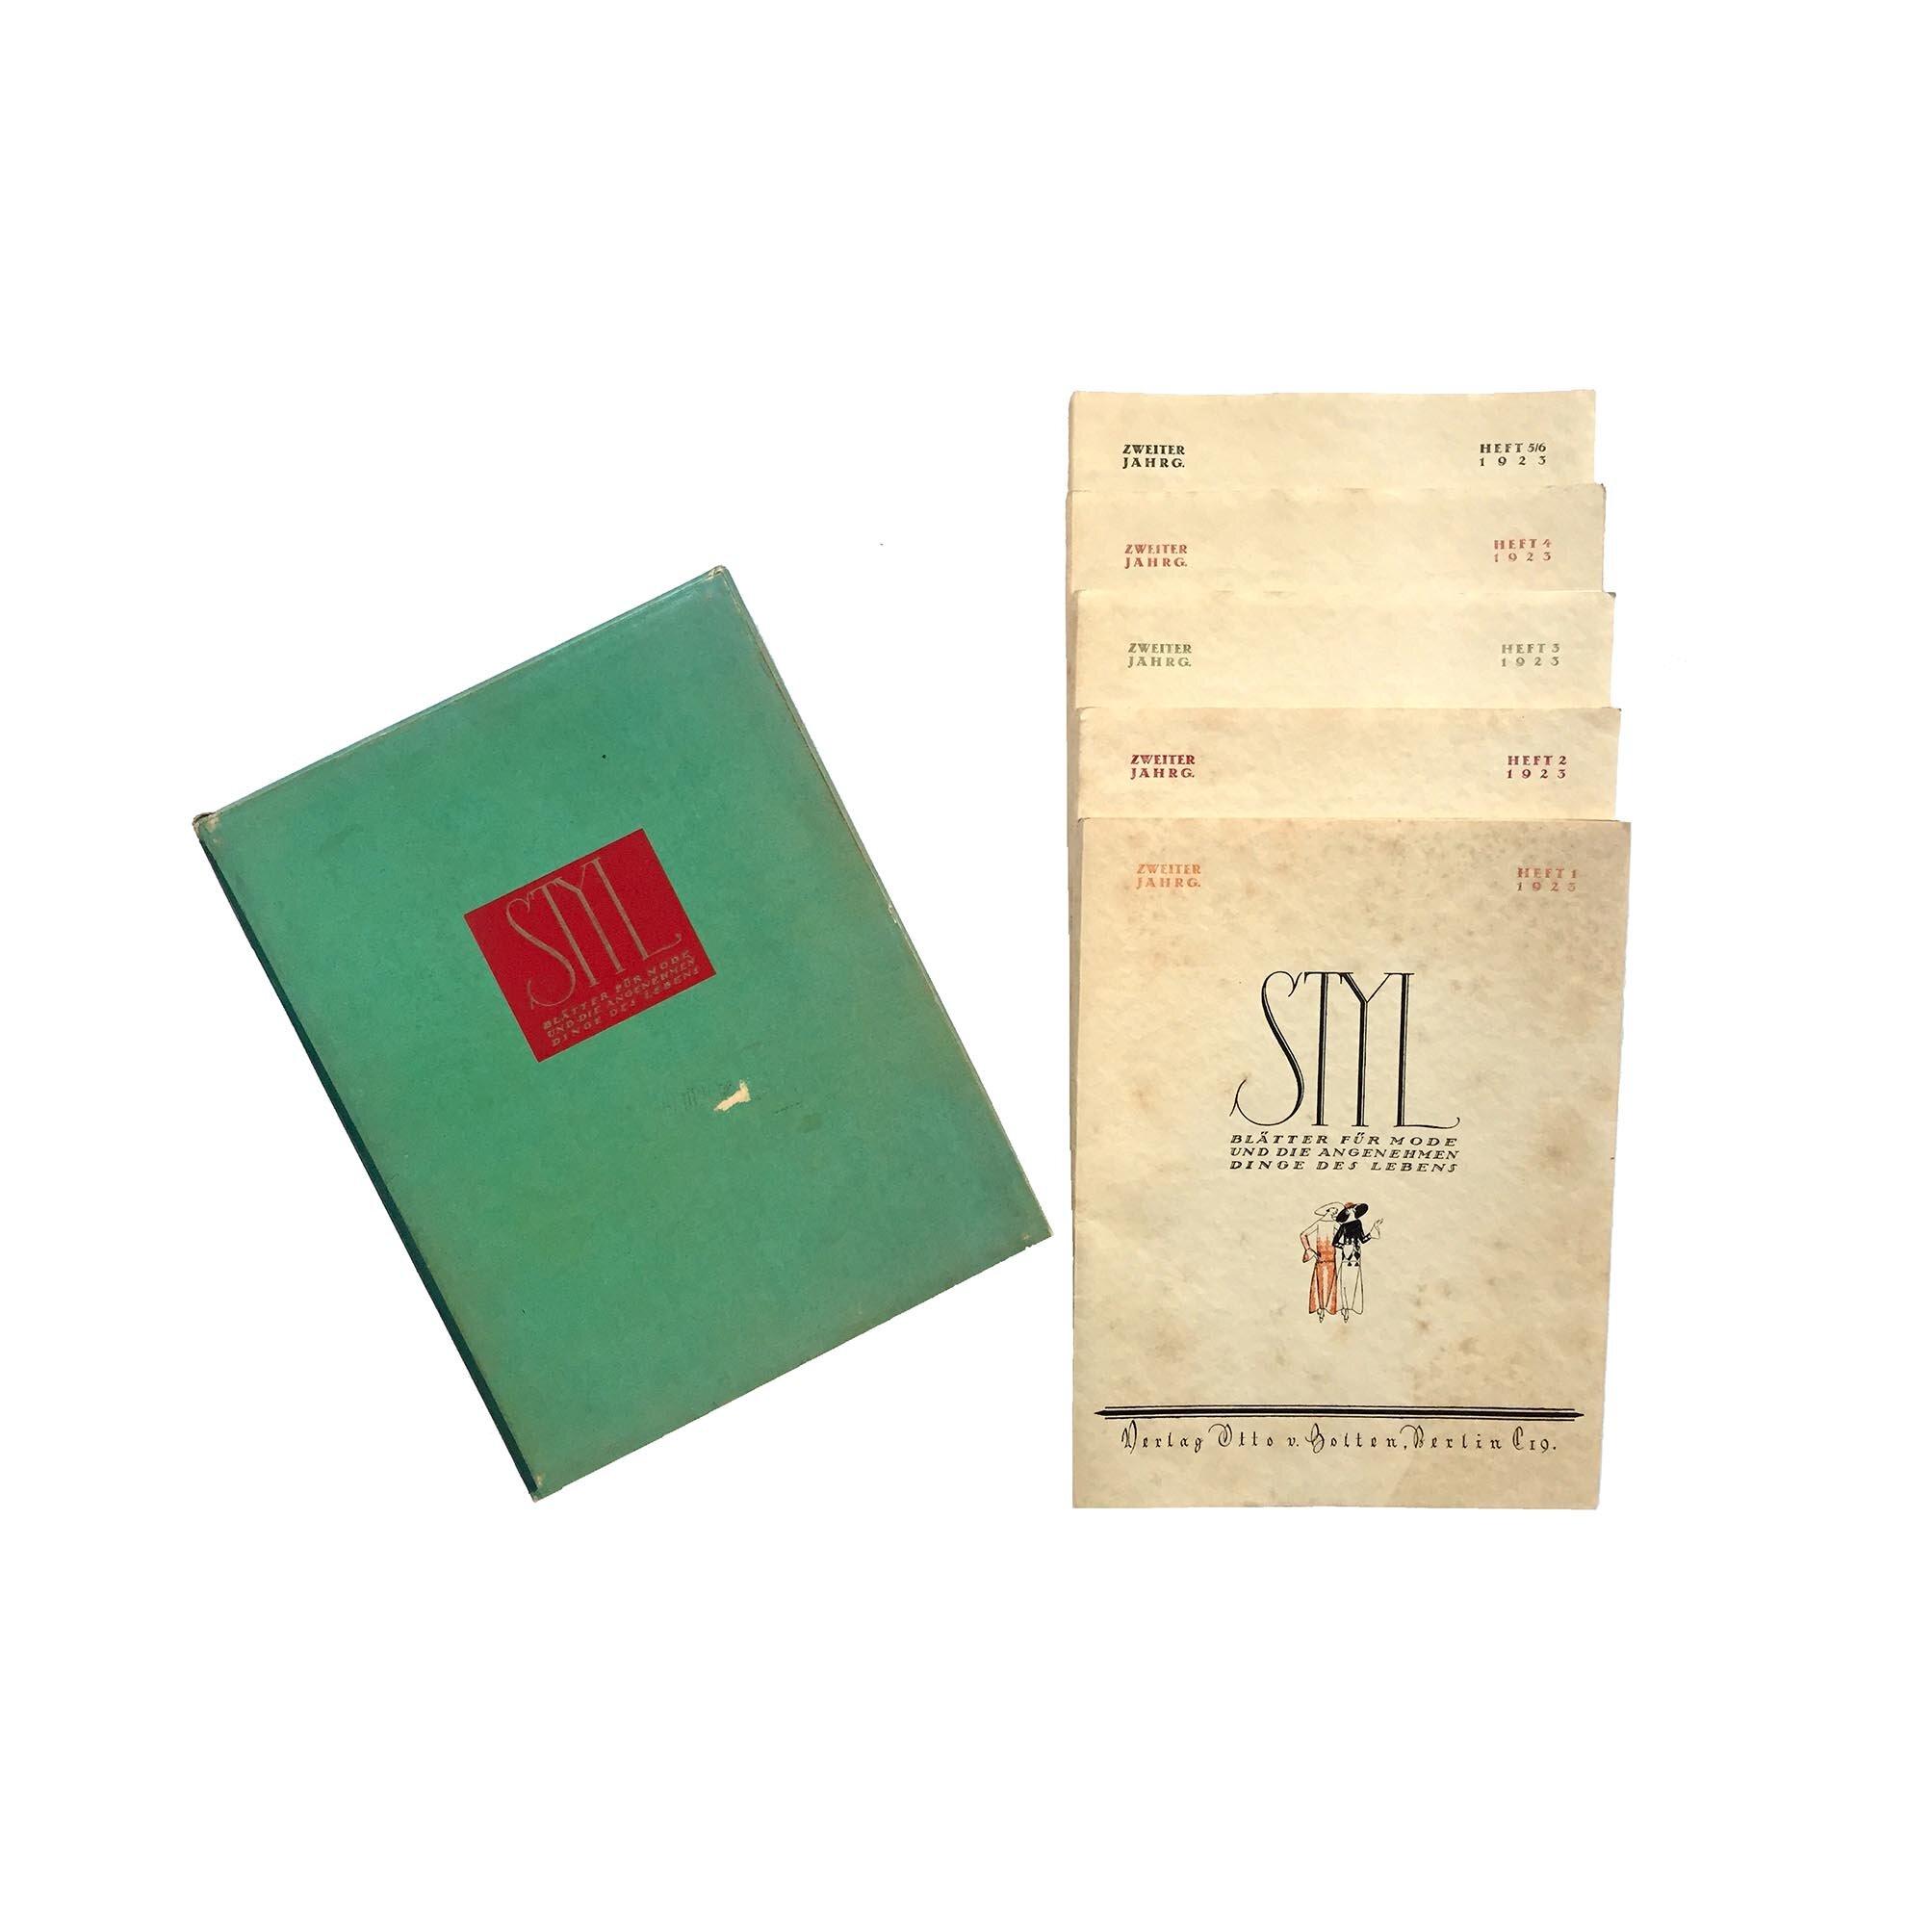 5787 Styl II 1924 Clamshell Covers free N